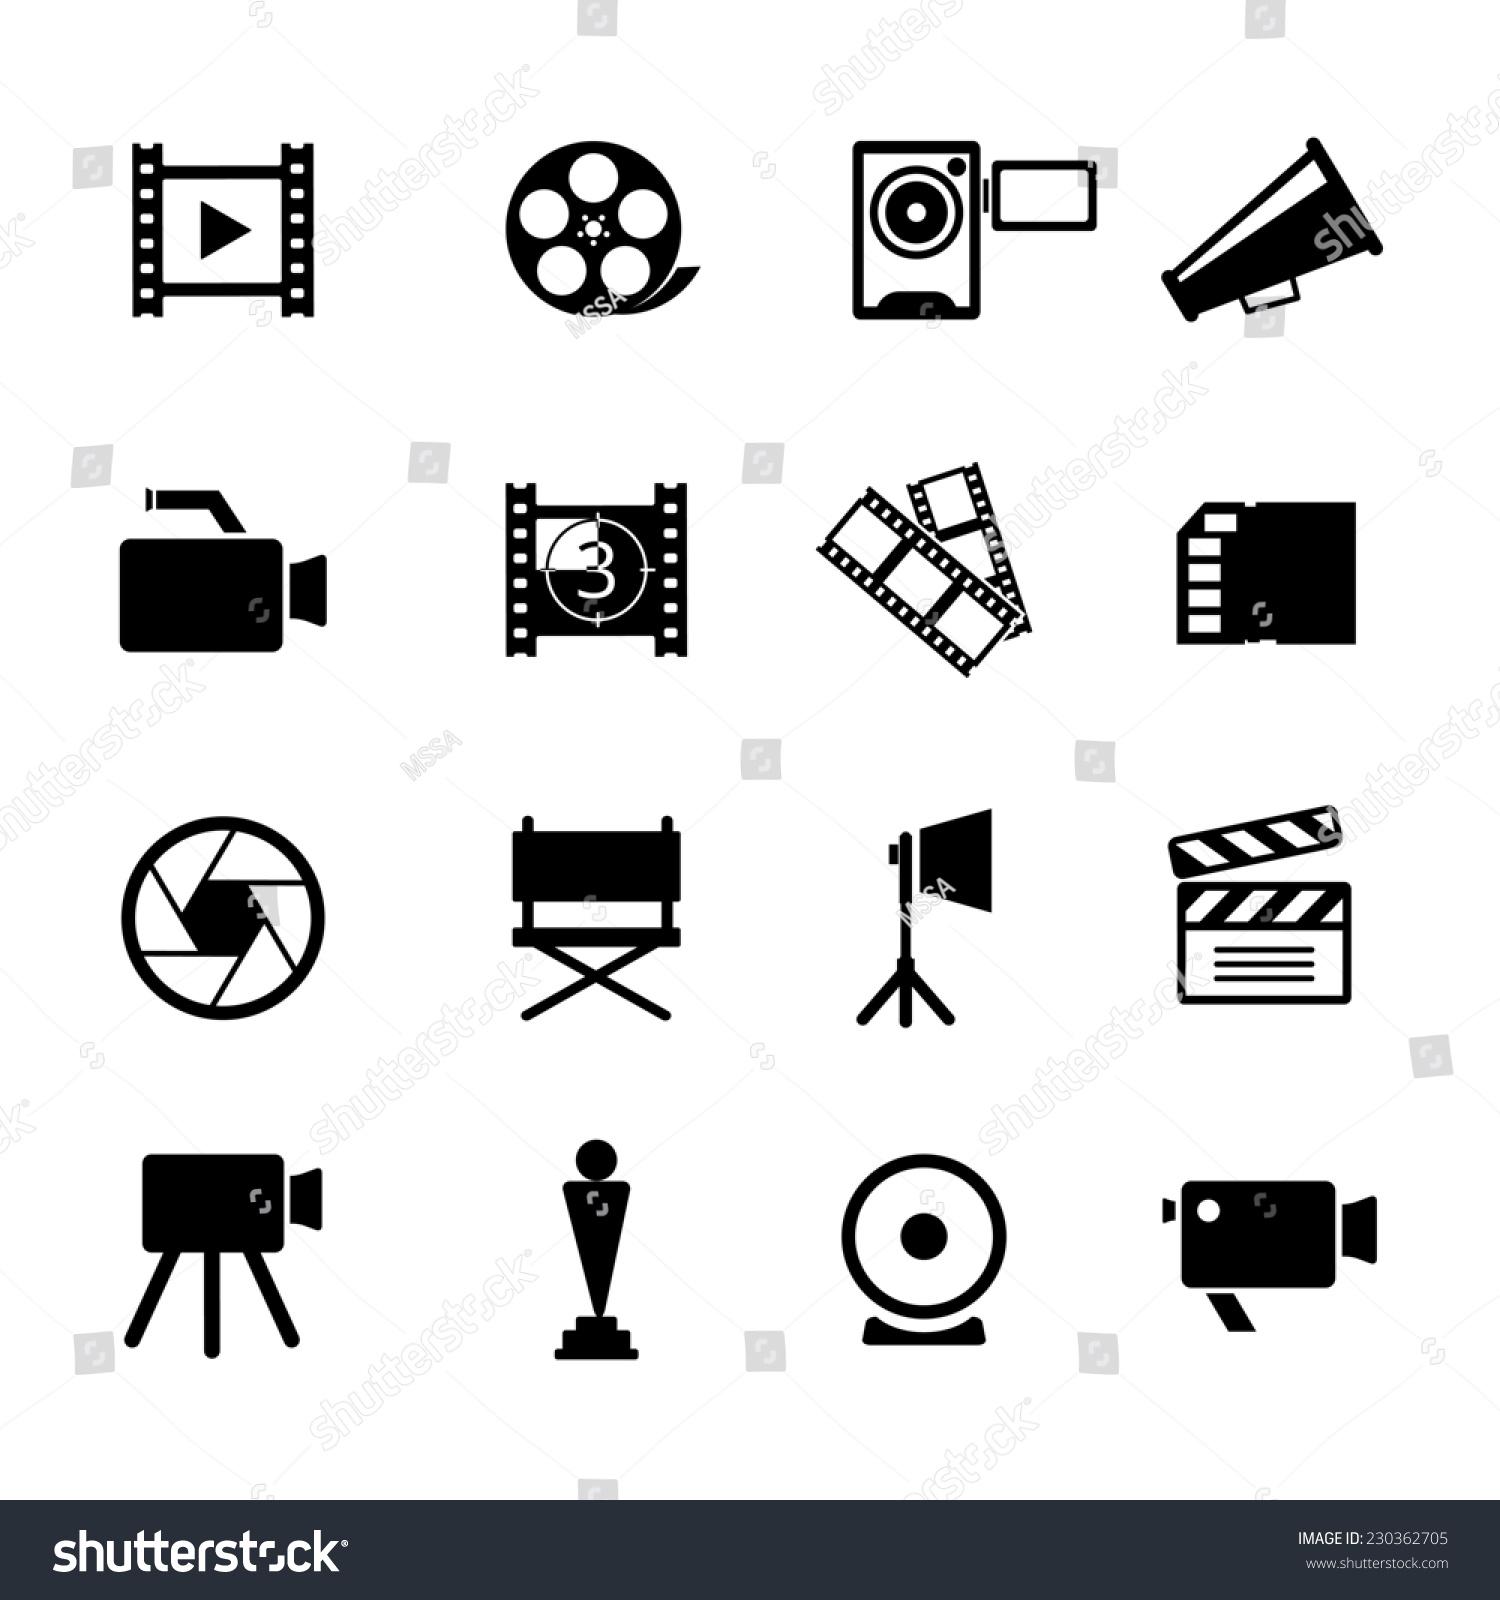 各种简单黑白视频图标图形设计.-艺术,符号/标志-海洛